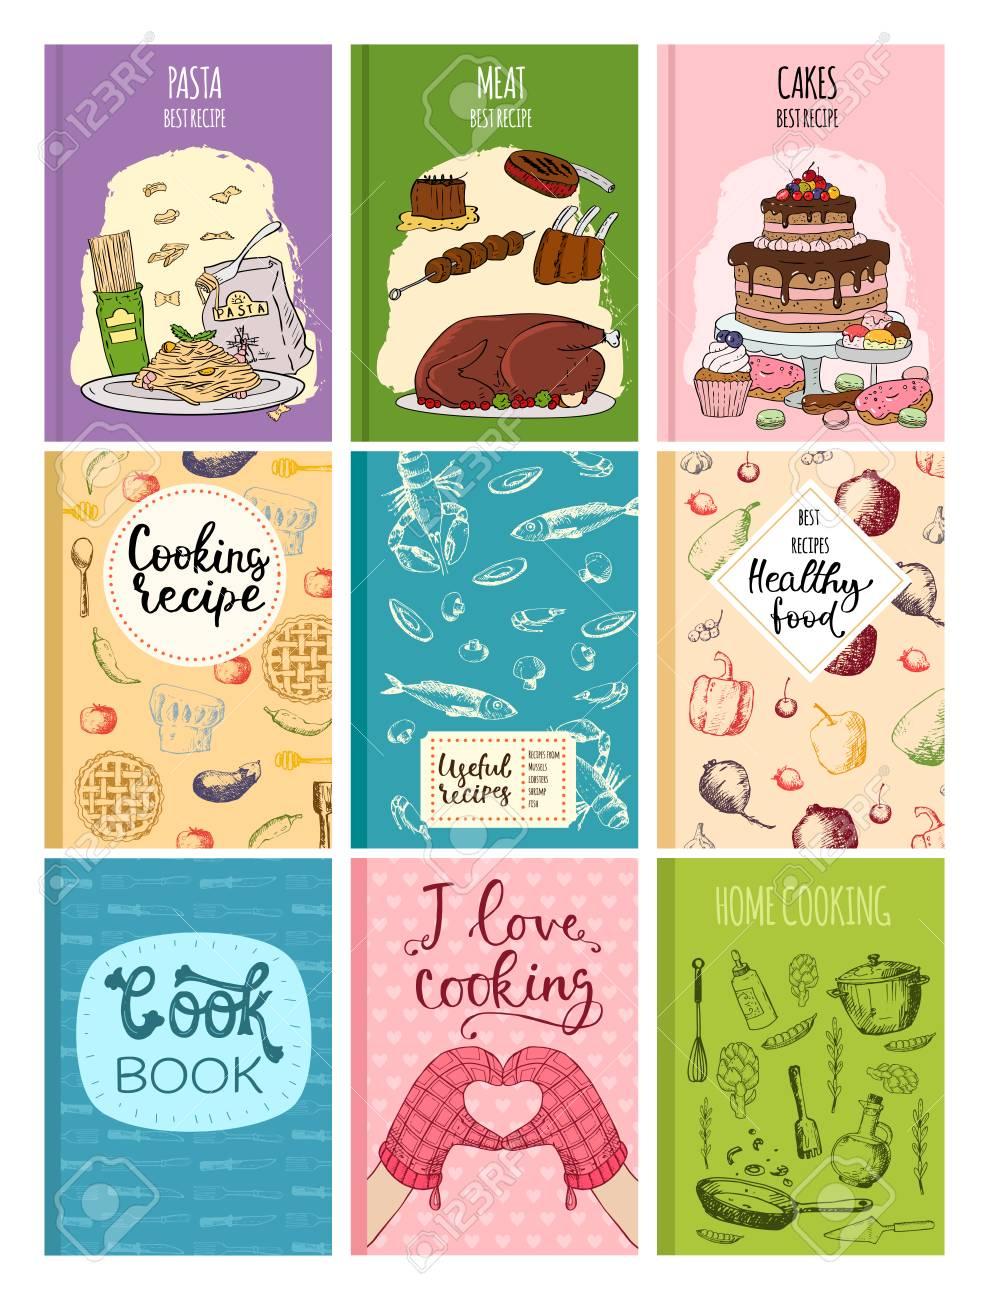 Cocinar recetas de cocina de la cocina de diseño de la plantilla de la mano  de la cocina de la mano de la plantilla de notas de vectores dibujado a ...